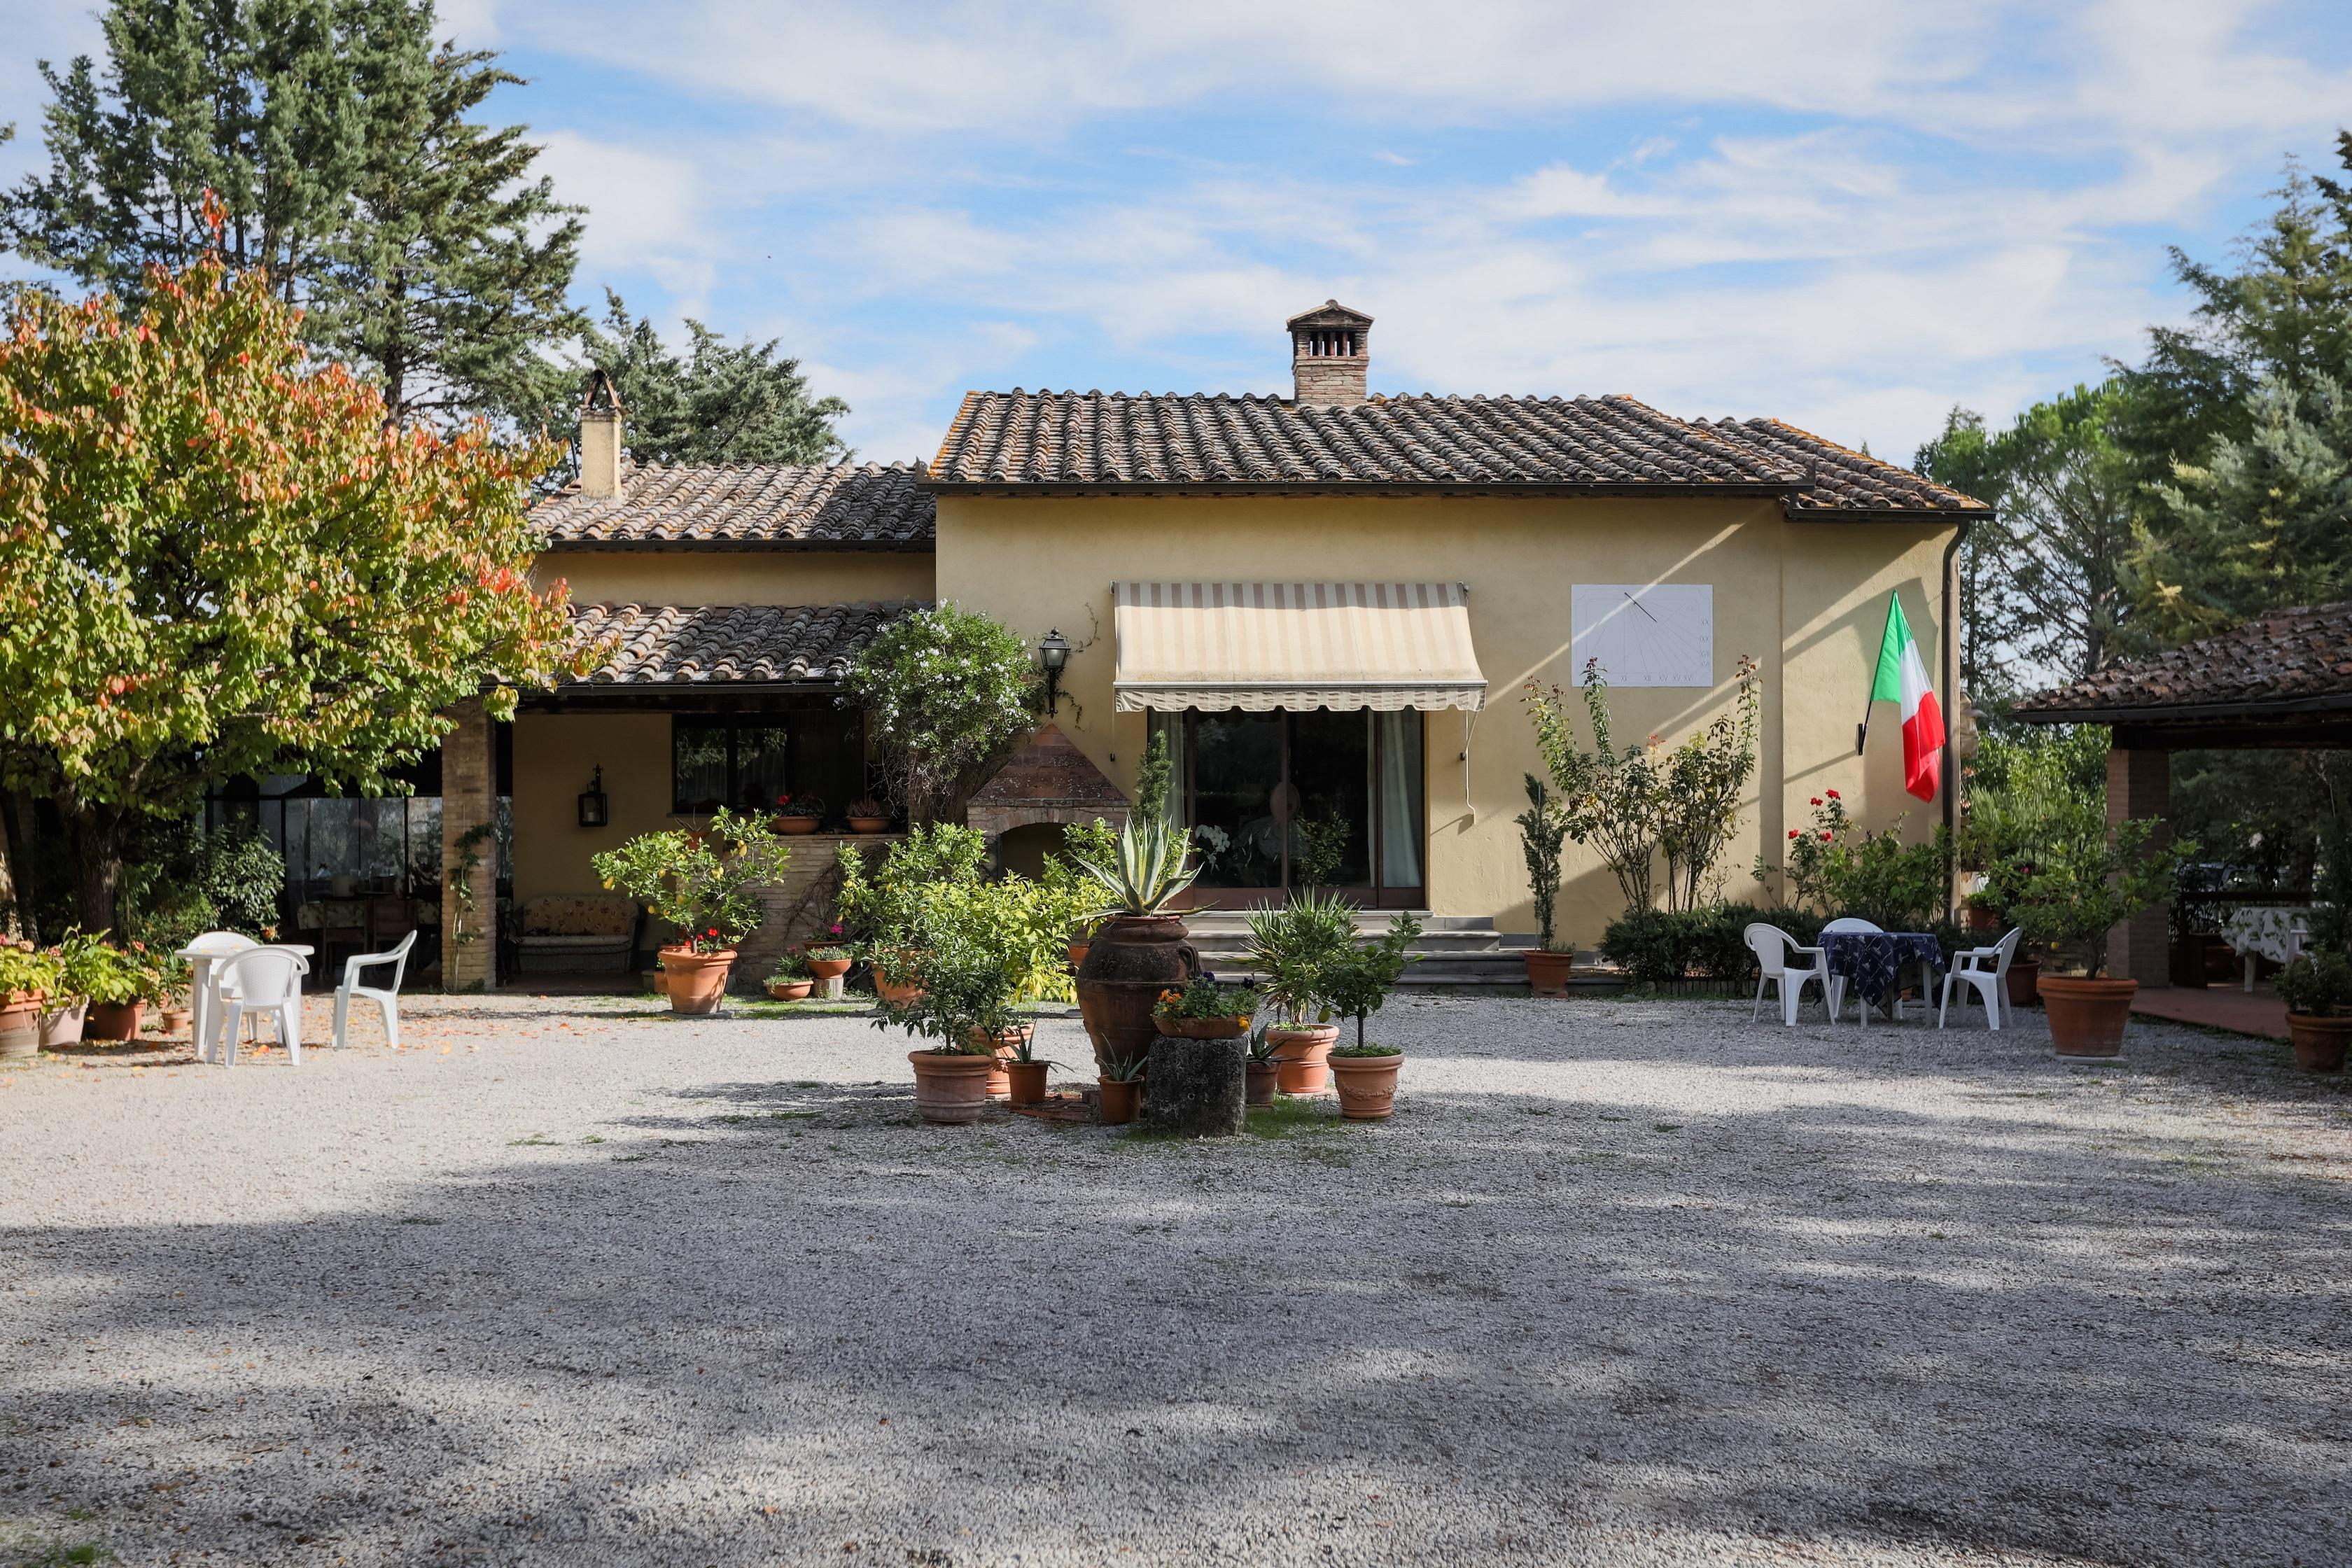 Agriturismo-Villa-Graziella